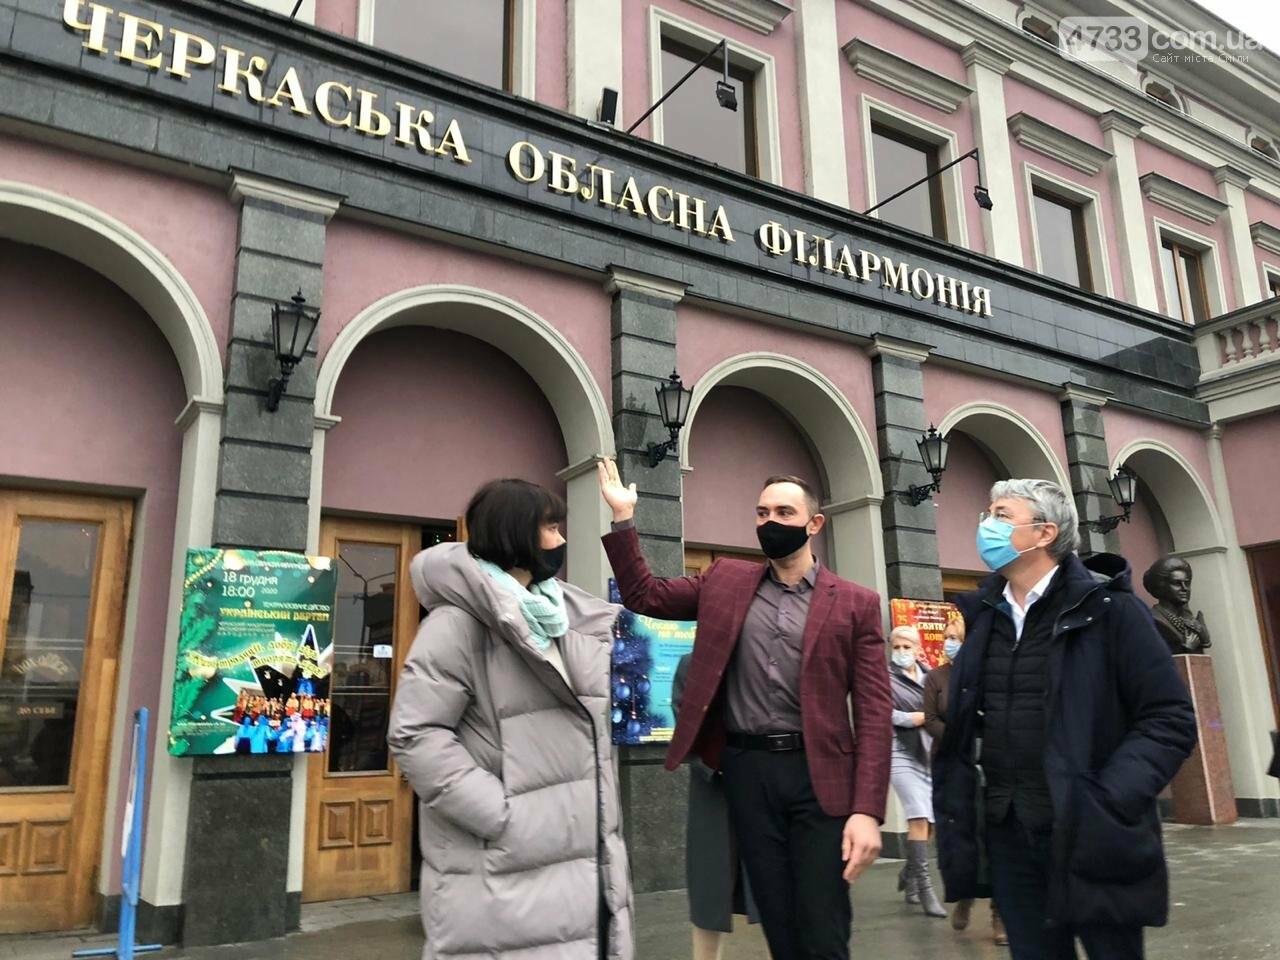 Міністр культури: «Черкащина ідеальна для туризму», фото-2, Черкаська ОДА